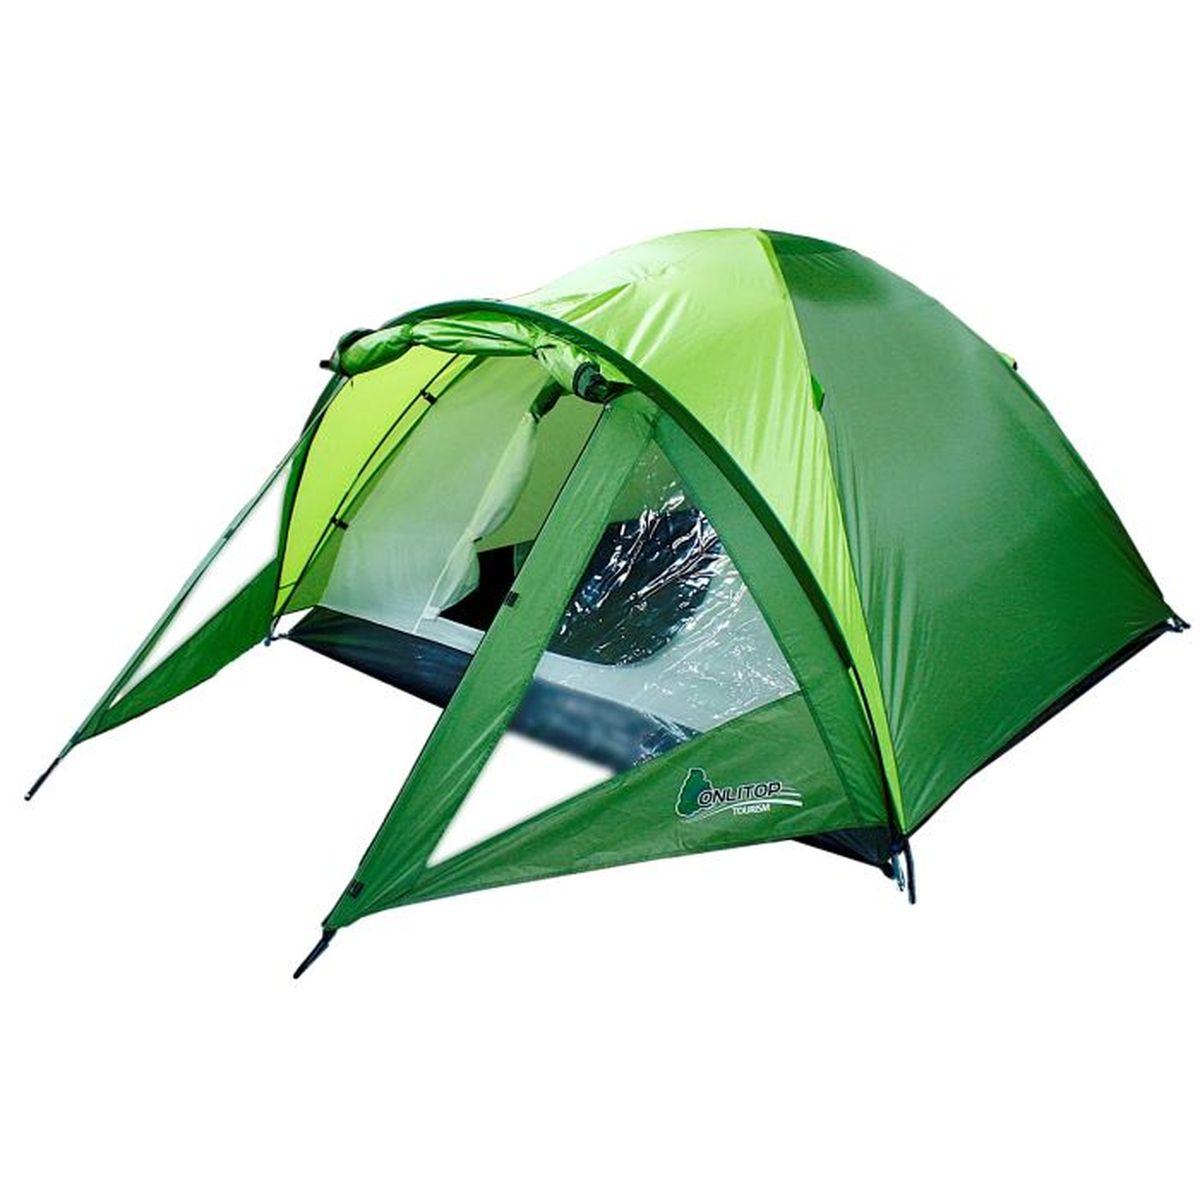 Палатка туристическая Onlitop TREKKER 3, цвет: зеленый67742Если вы заядлый турист или просто любитель природы, вы хоть раз задумывались о ночёвке на свежем воздухе. Чтобы провести её с комфортом, вам понадобится отличная палатка, Она обеспечит безопасный досуг и защитит от непогоды и насекомых. Ткань рипстоп гарантирует длительную эксплуатацию палатки за счёт высокой прочности материала.